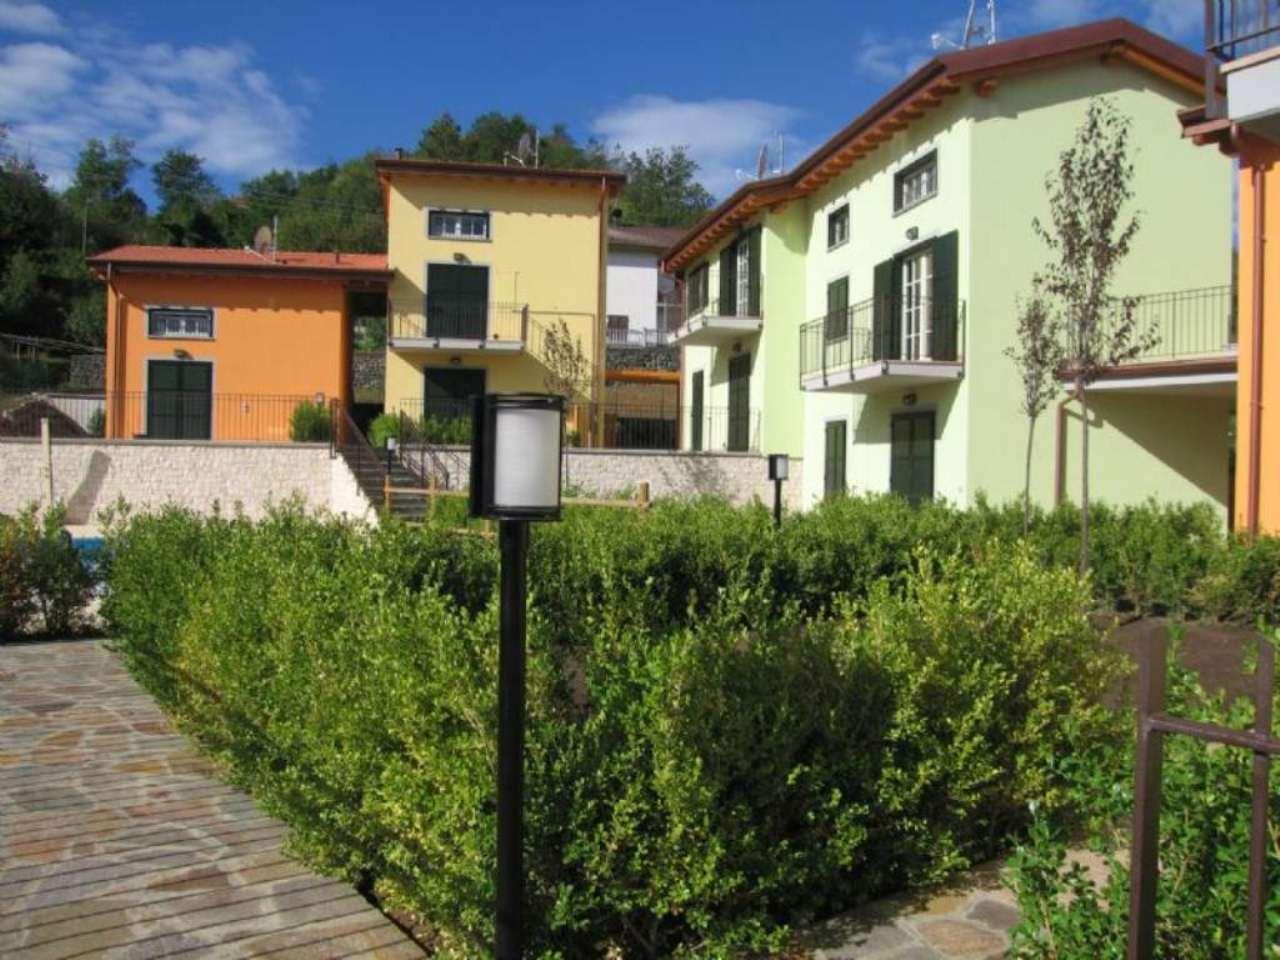 Appartamento in vendita a Borghetto di Vara, 1 locali, prezzo € 116.000 | CambioCasa.it